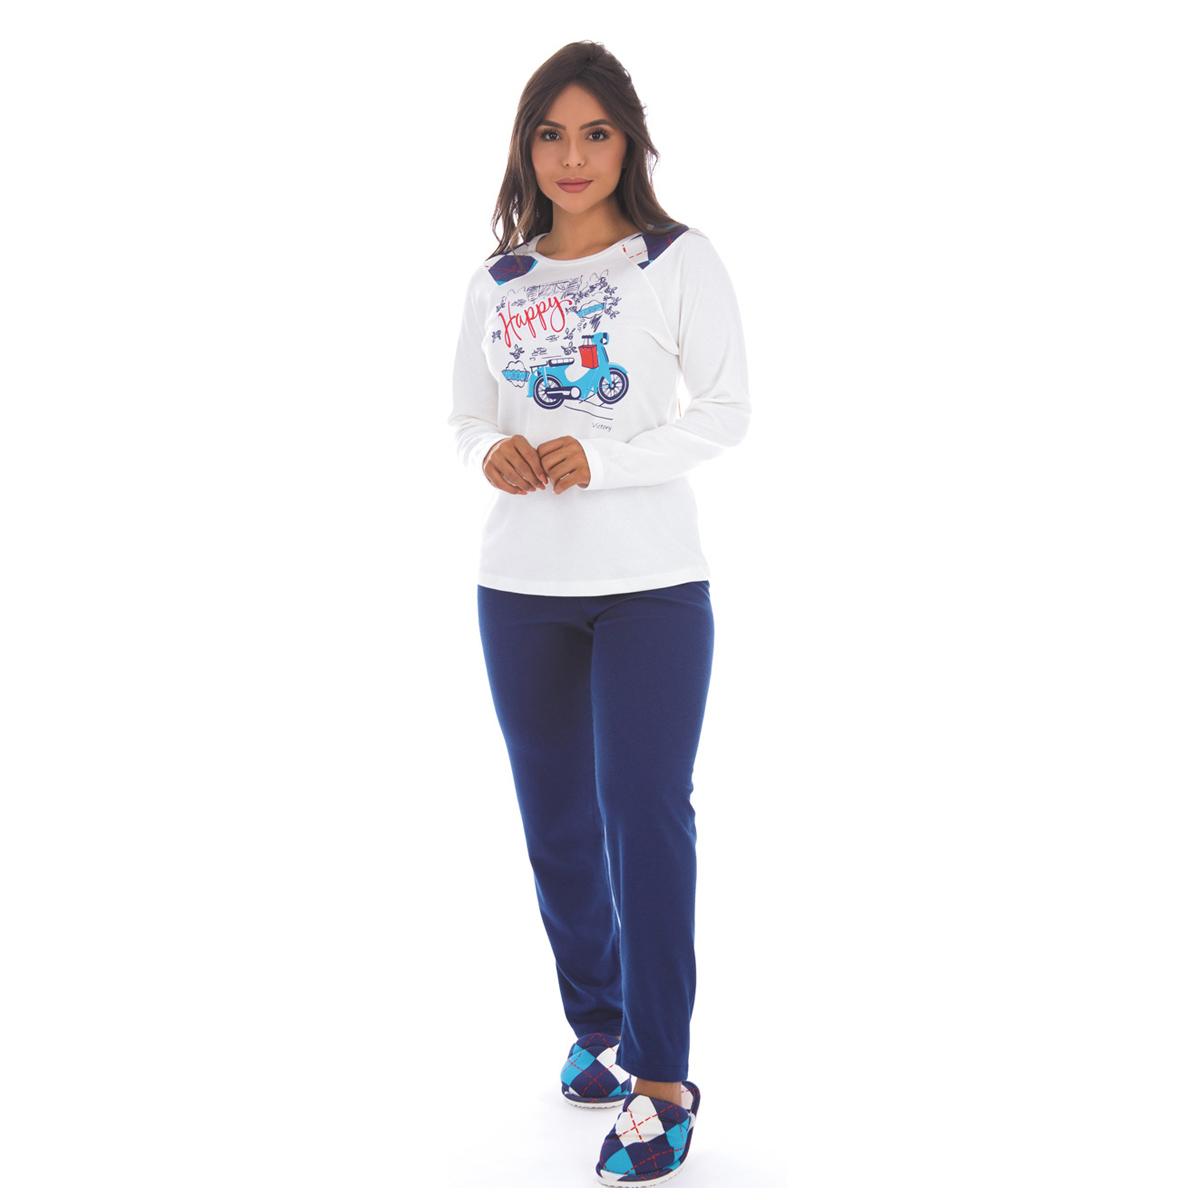 Kit 12 pijamas de inverno adulto Victory